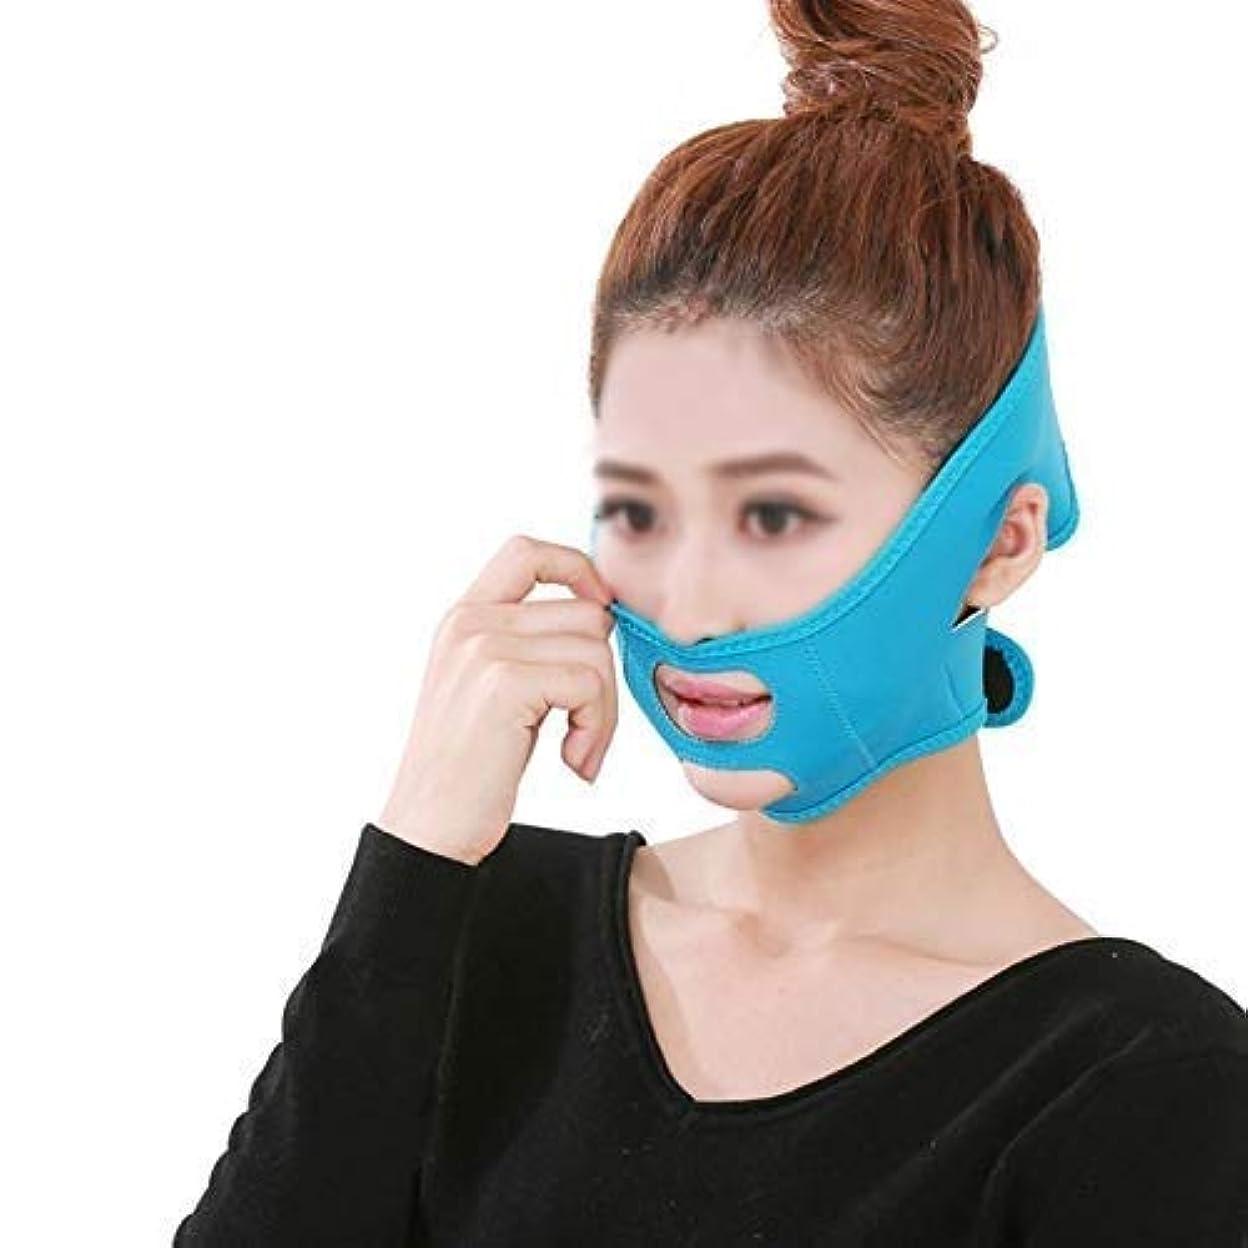 ヘビ近代化するネーピアフェイスリフトフェイシャル、フェイシャルマスクVフェイスマスクタイトで肌のリラクゼーションを防止Vフェイスアーティファクトフェイスリフトバンデージフェイスケア(色:青)